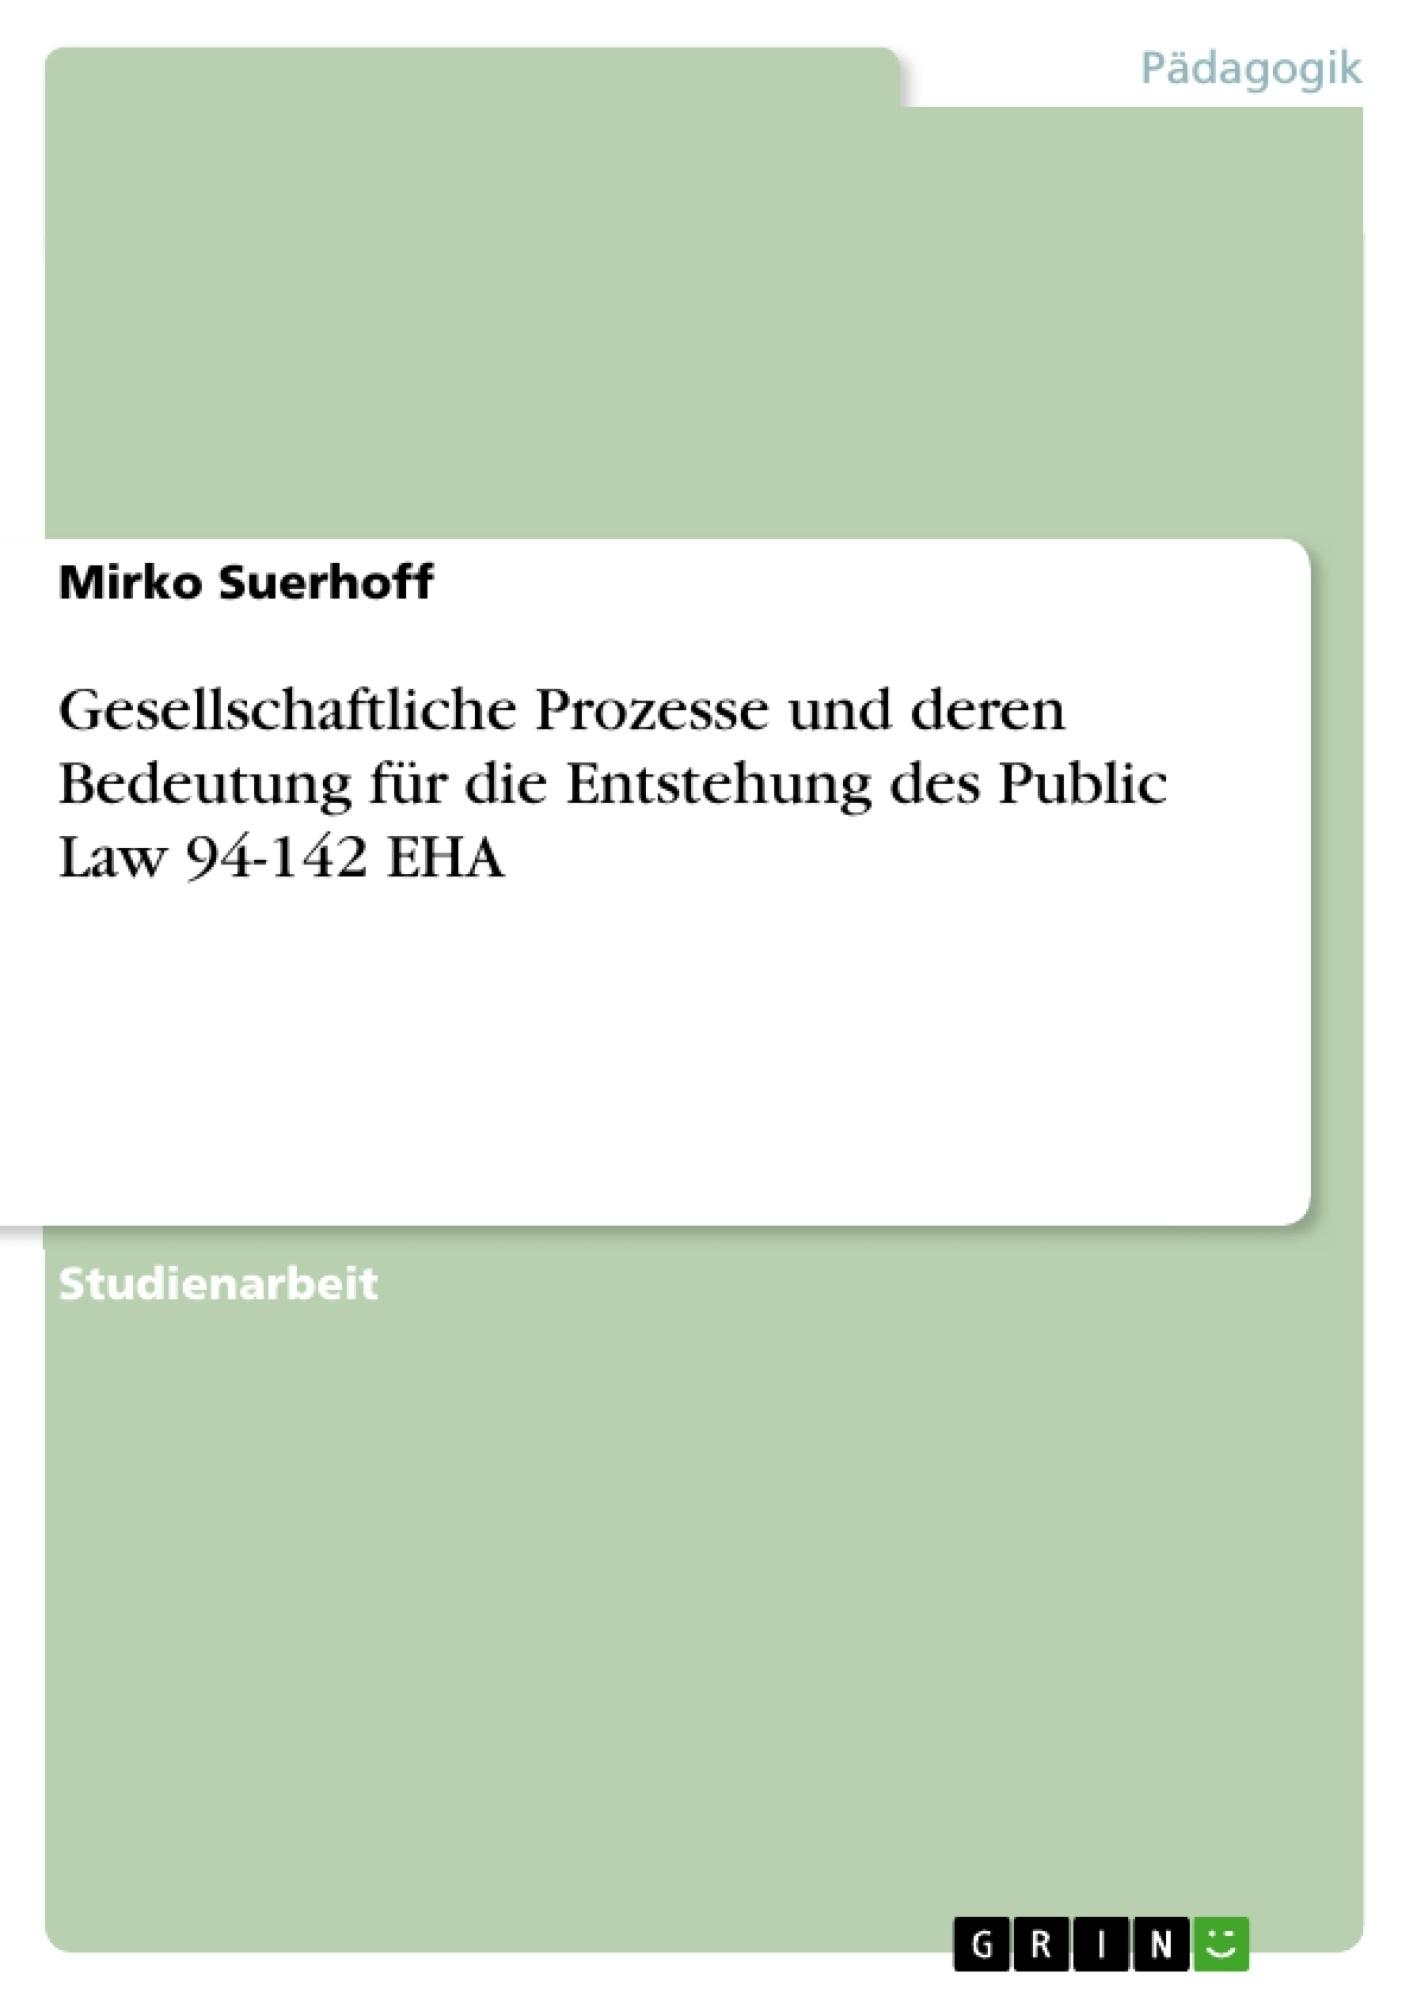 Titel: Gesellschaftliche Prozesse und deren Bedeutung für die Entstehung des Public Law 94-142 EHA